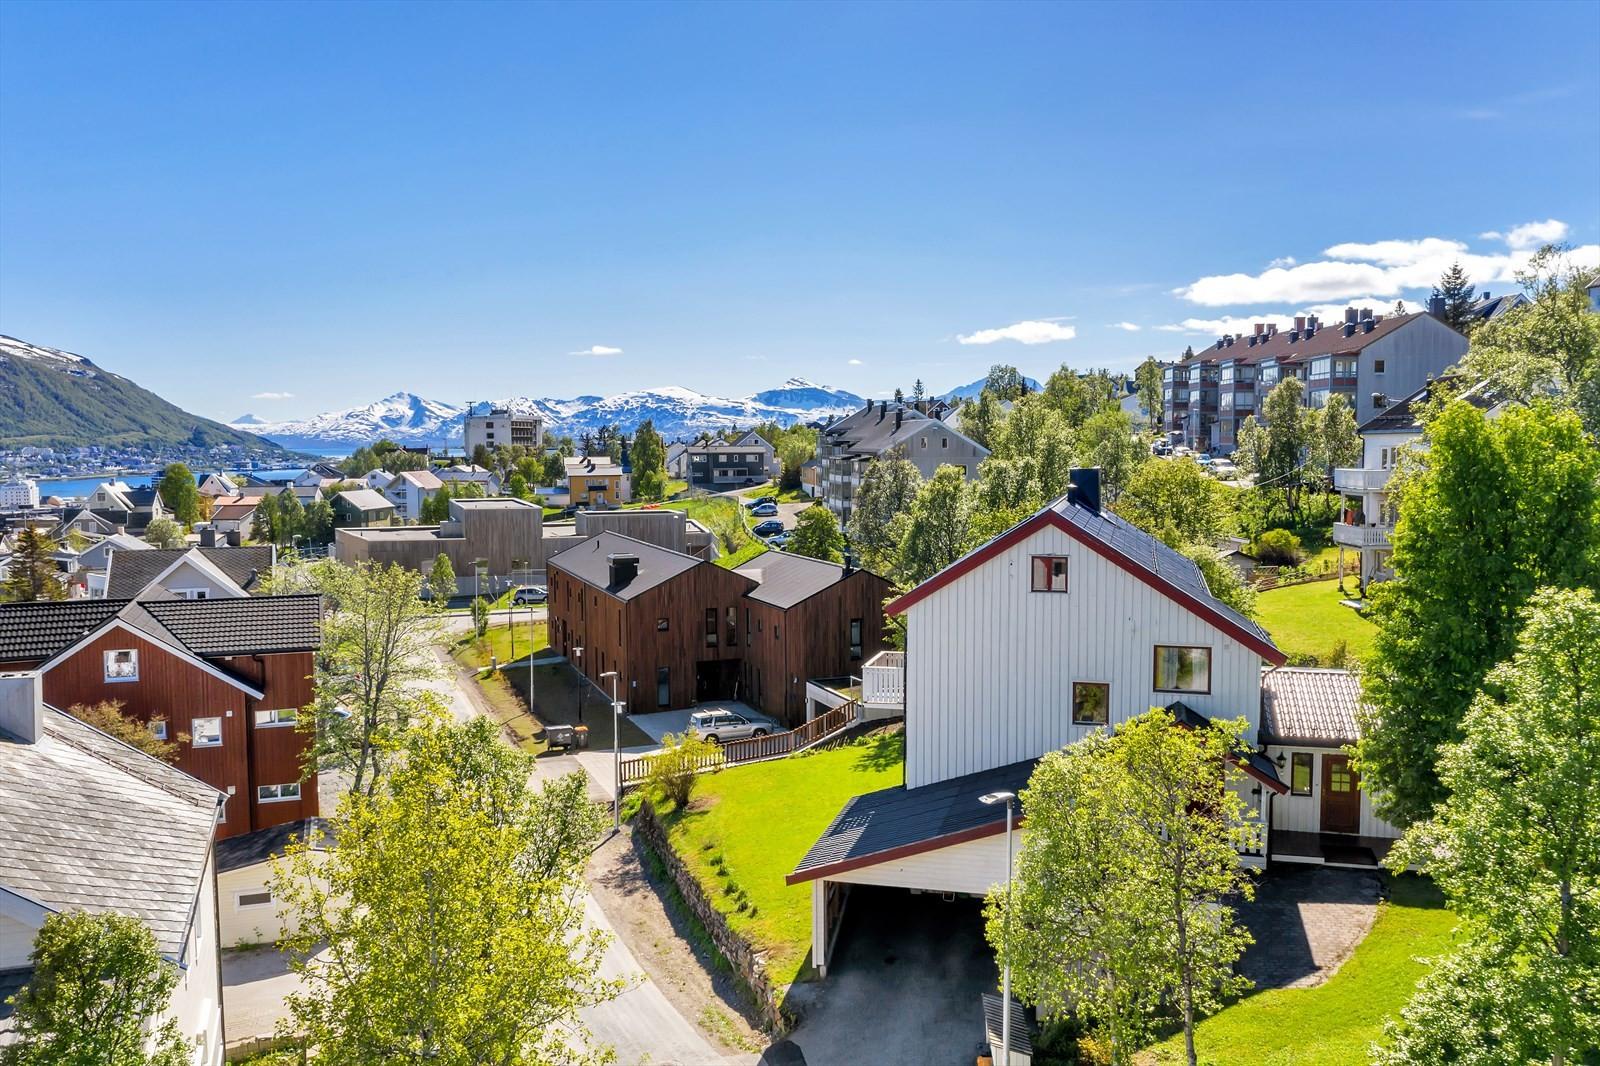 Nydelig beliggenhet på Kvamstykket - rett ovenfor Tromsø sentrum